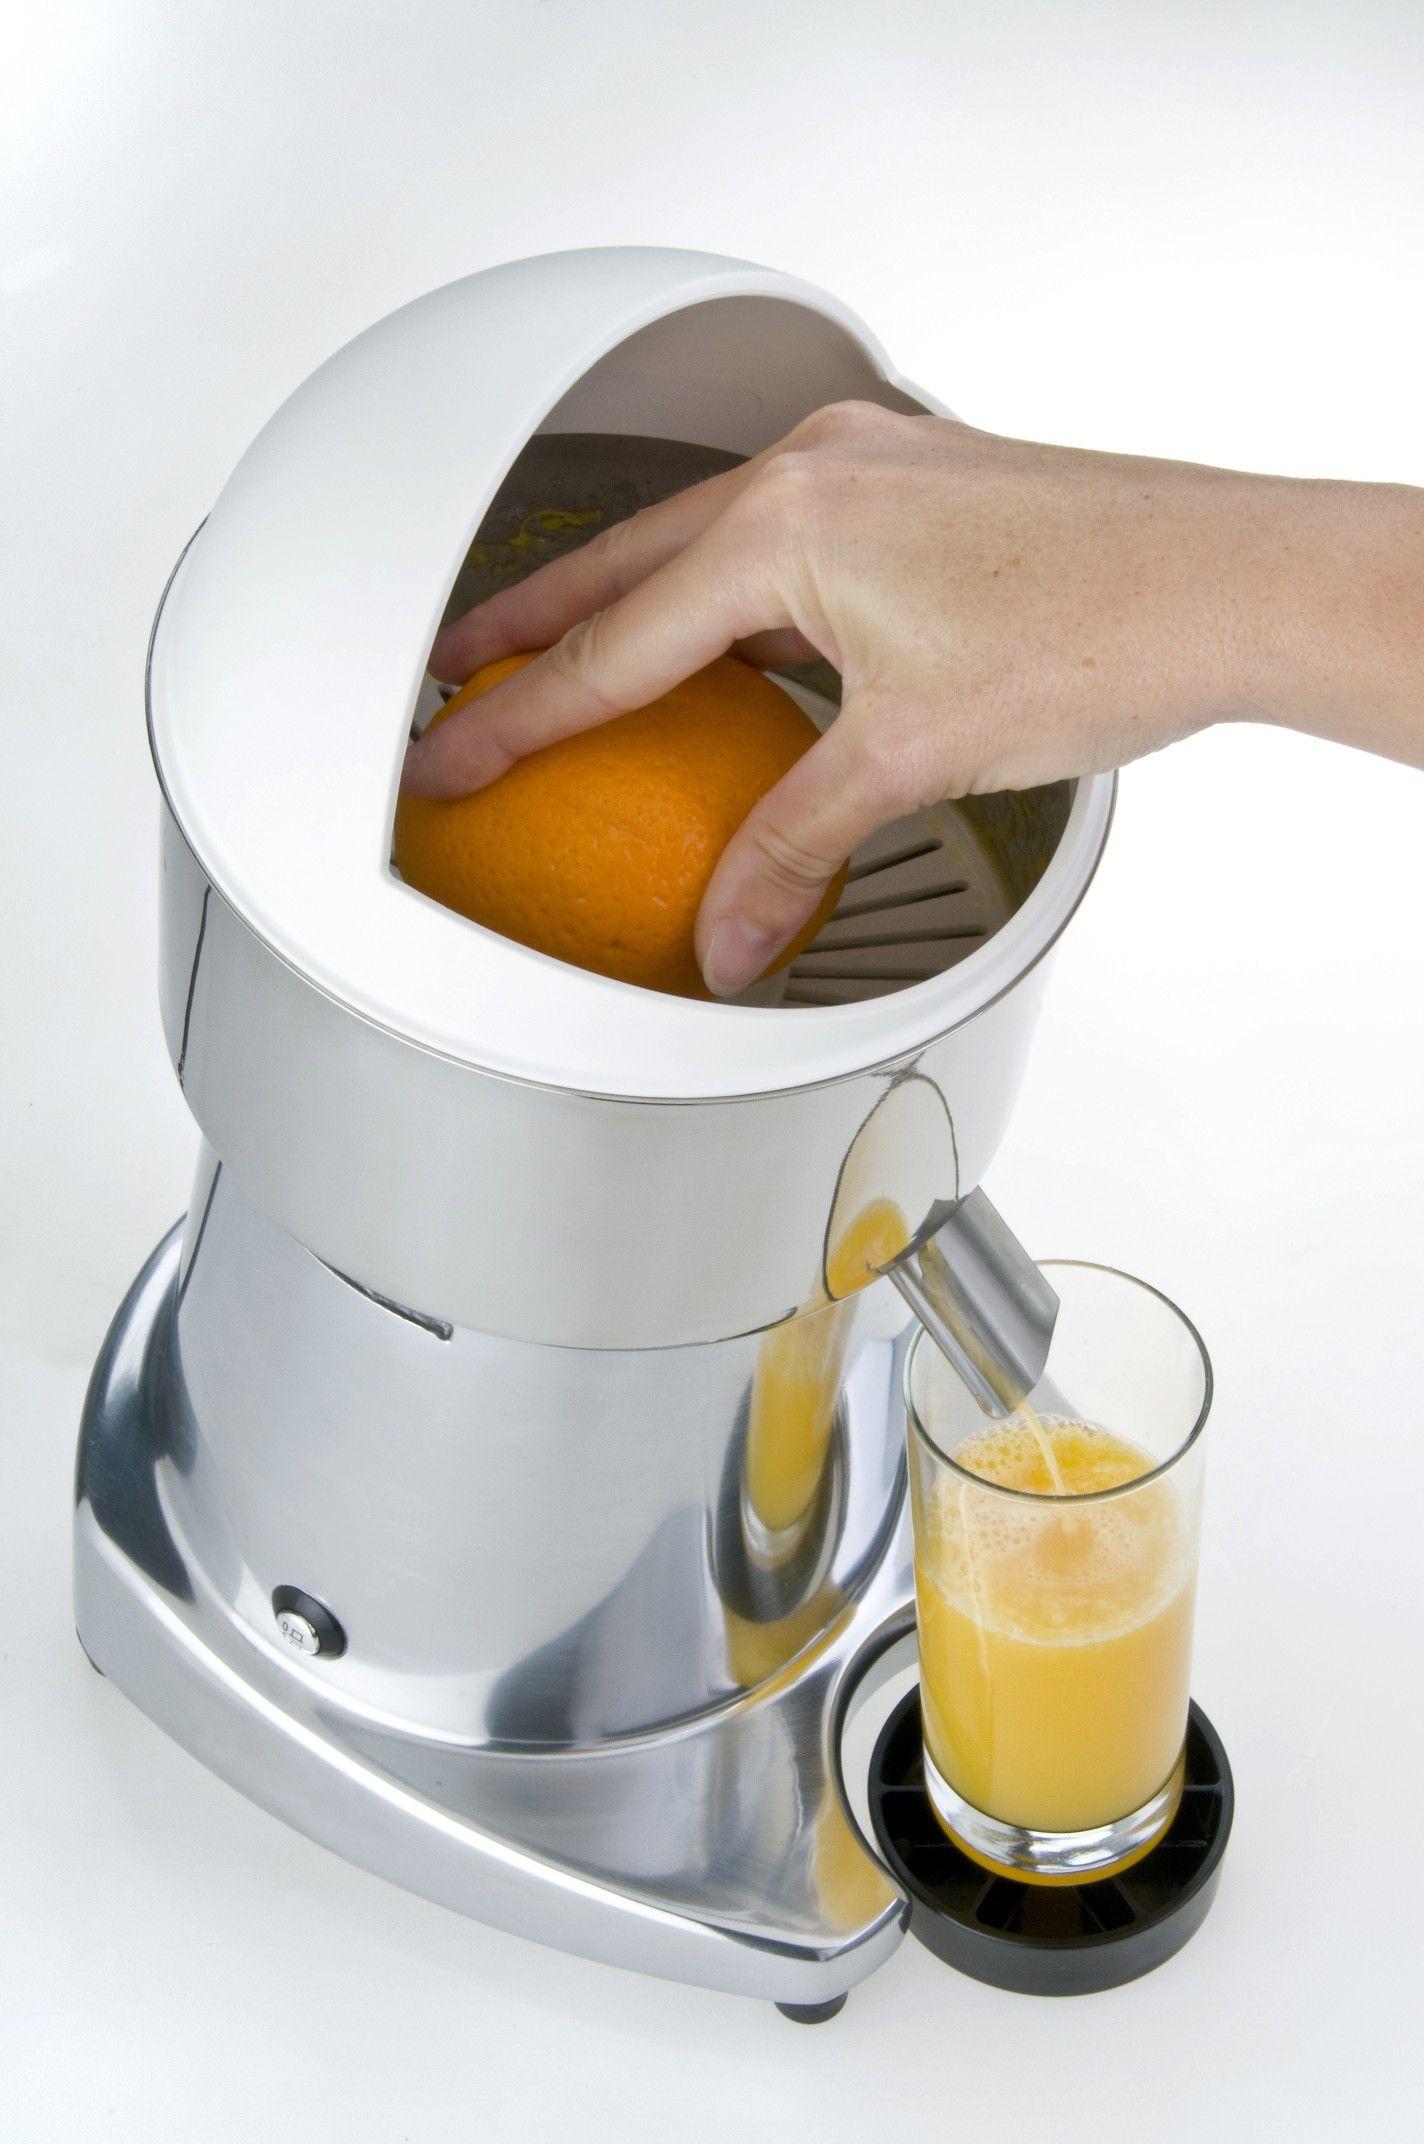 Ceado s98 commercial juicer juicer citrus juicer